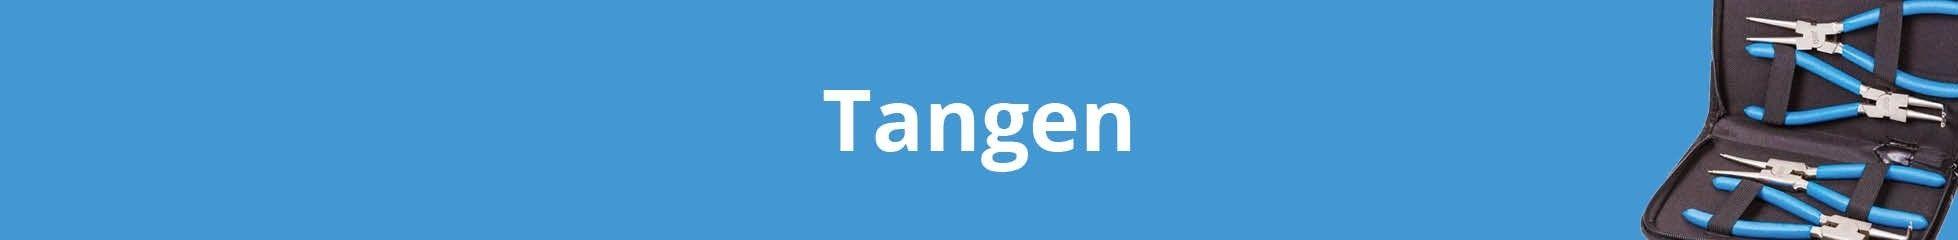 Tangen